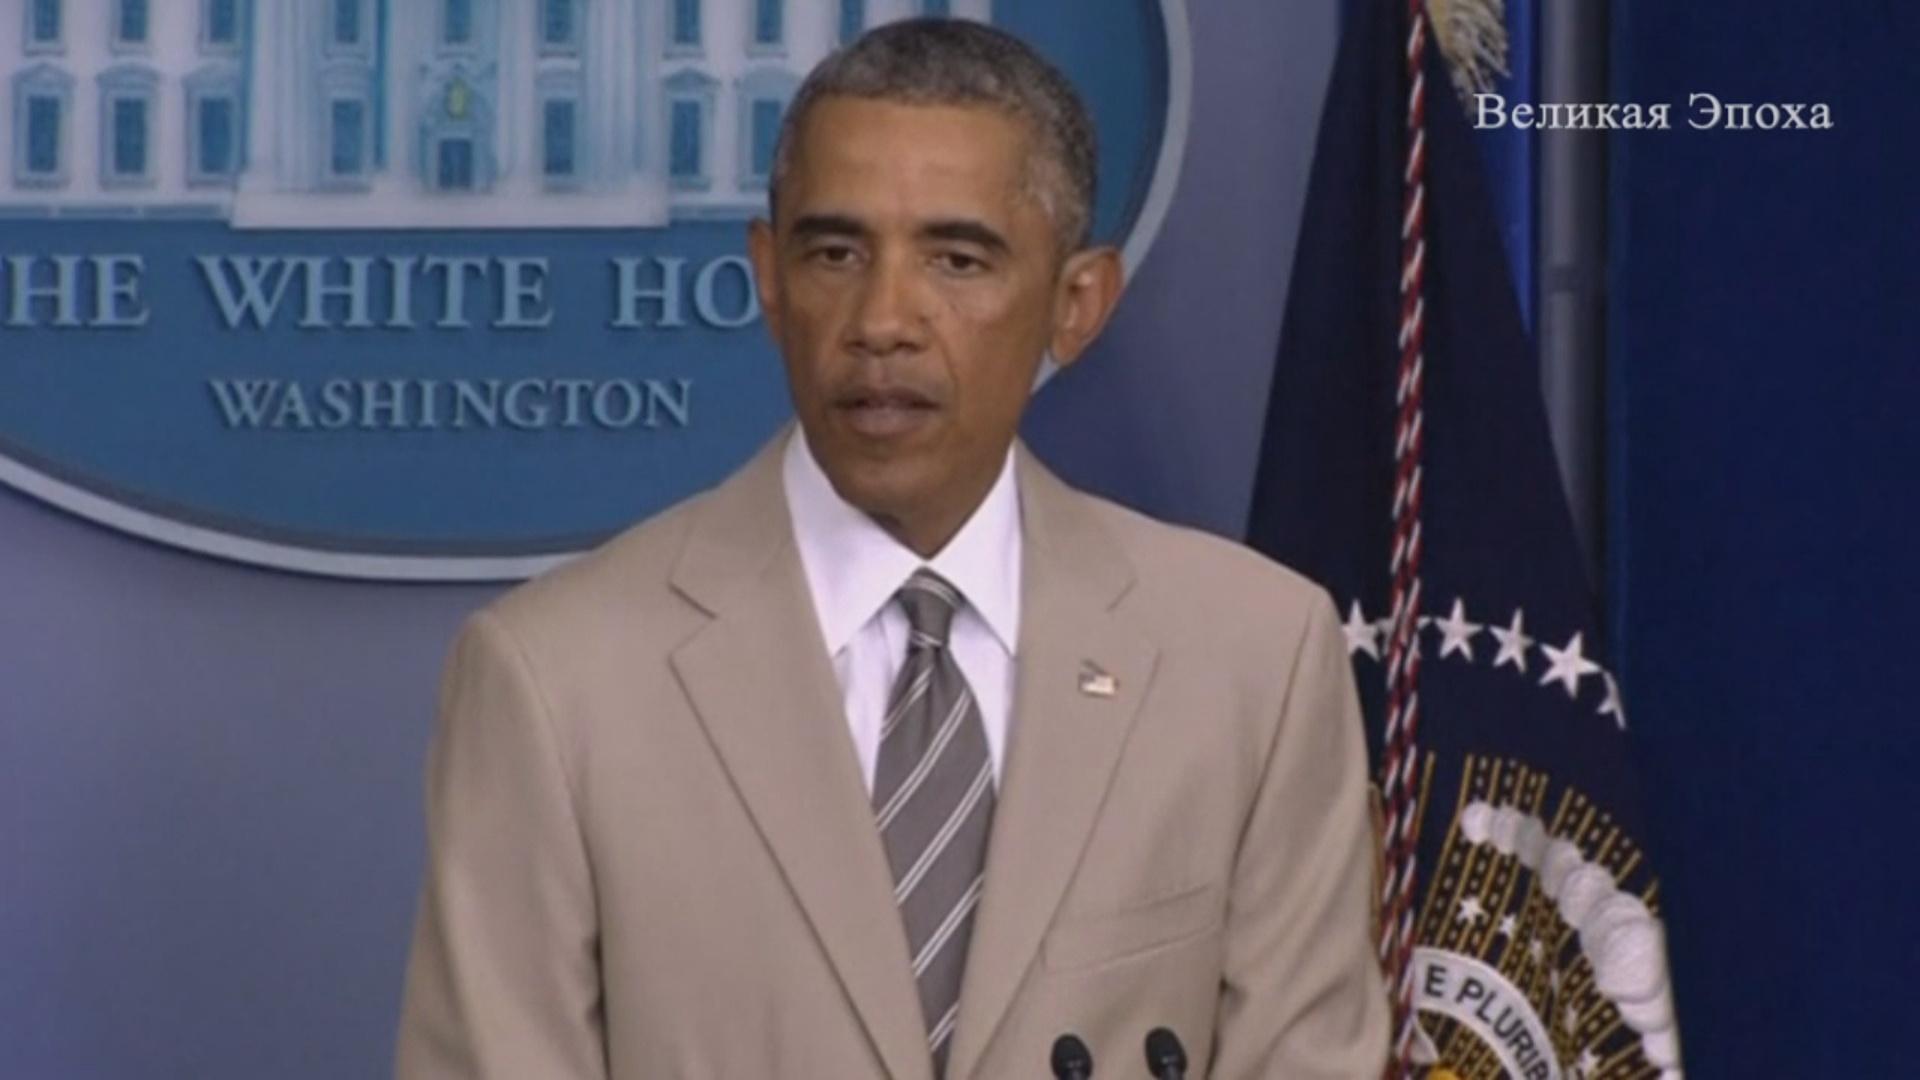 Барак Обама. Скриншот видео